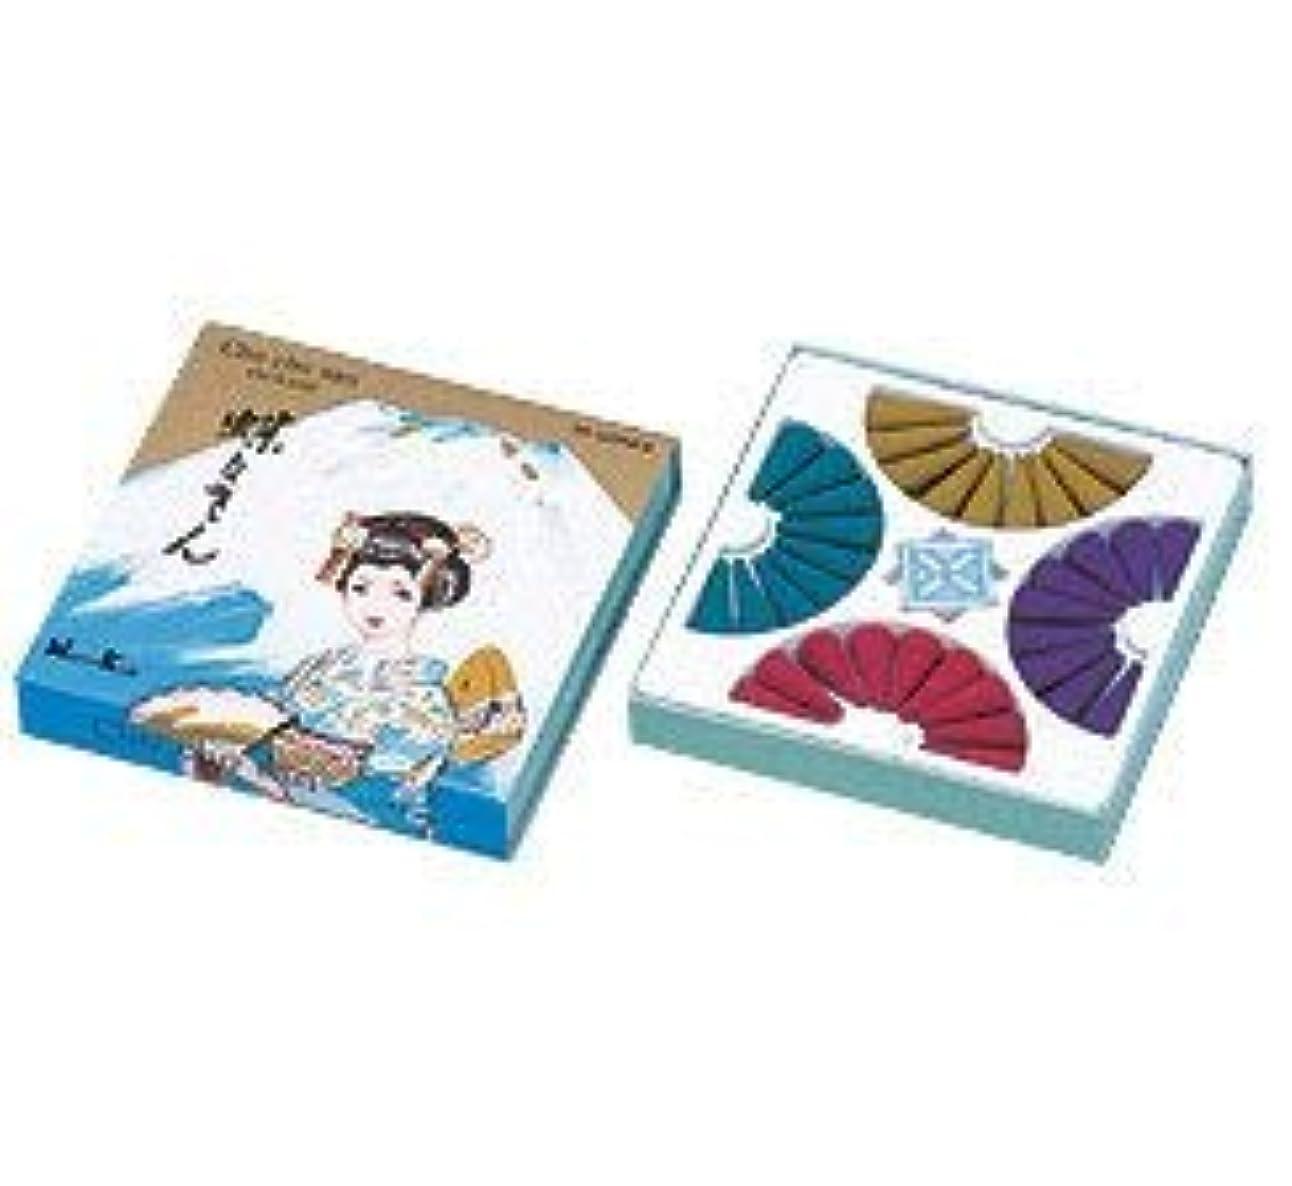 笑い散る用量蝶々さん 36個 × 40個セット